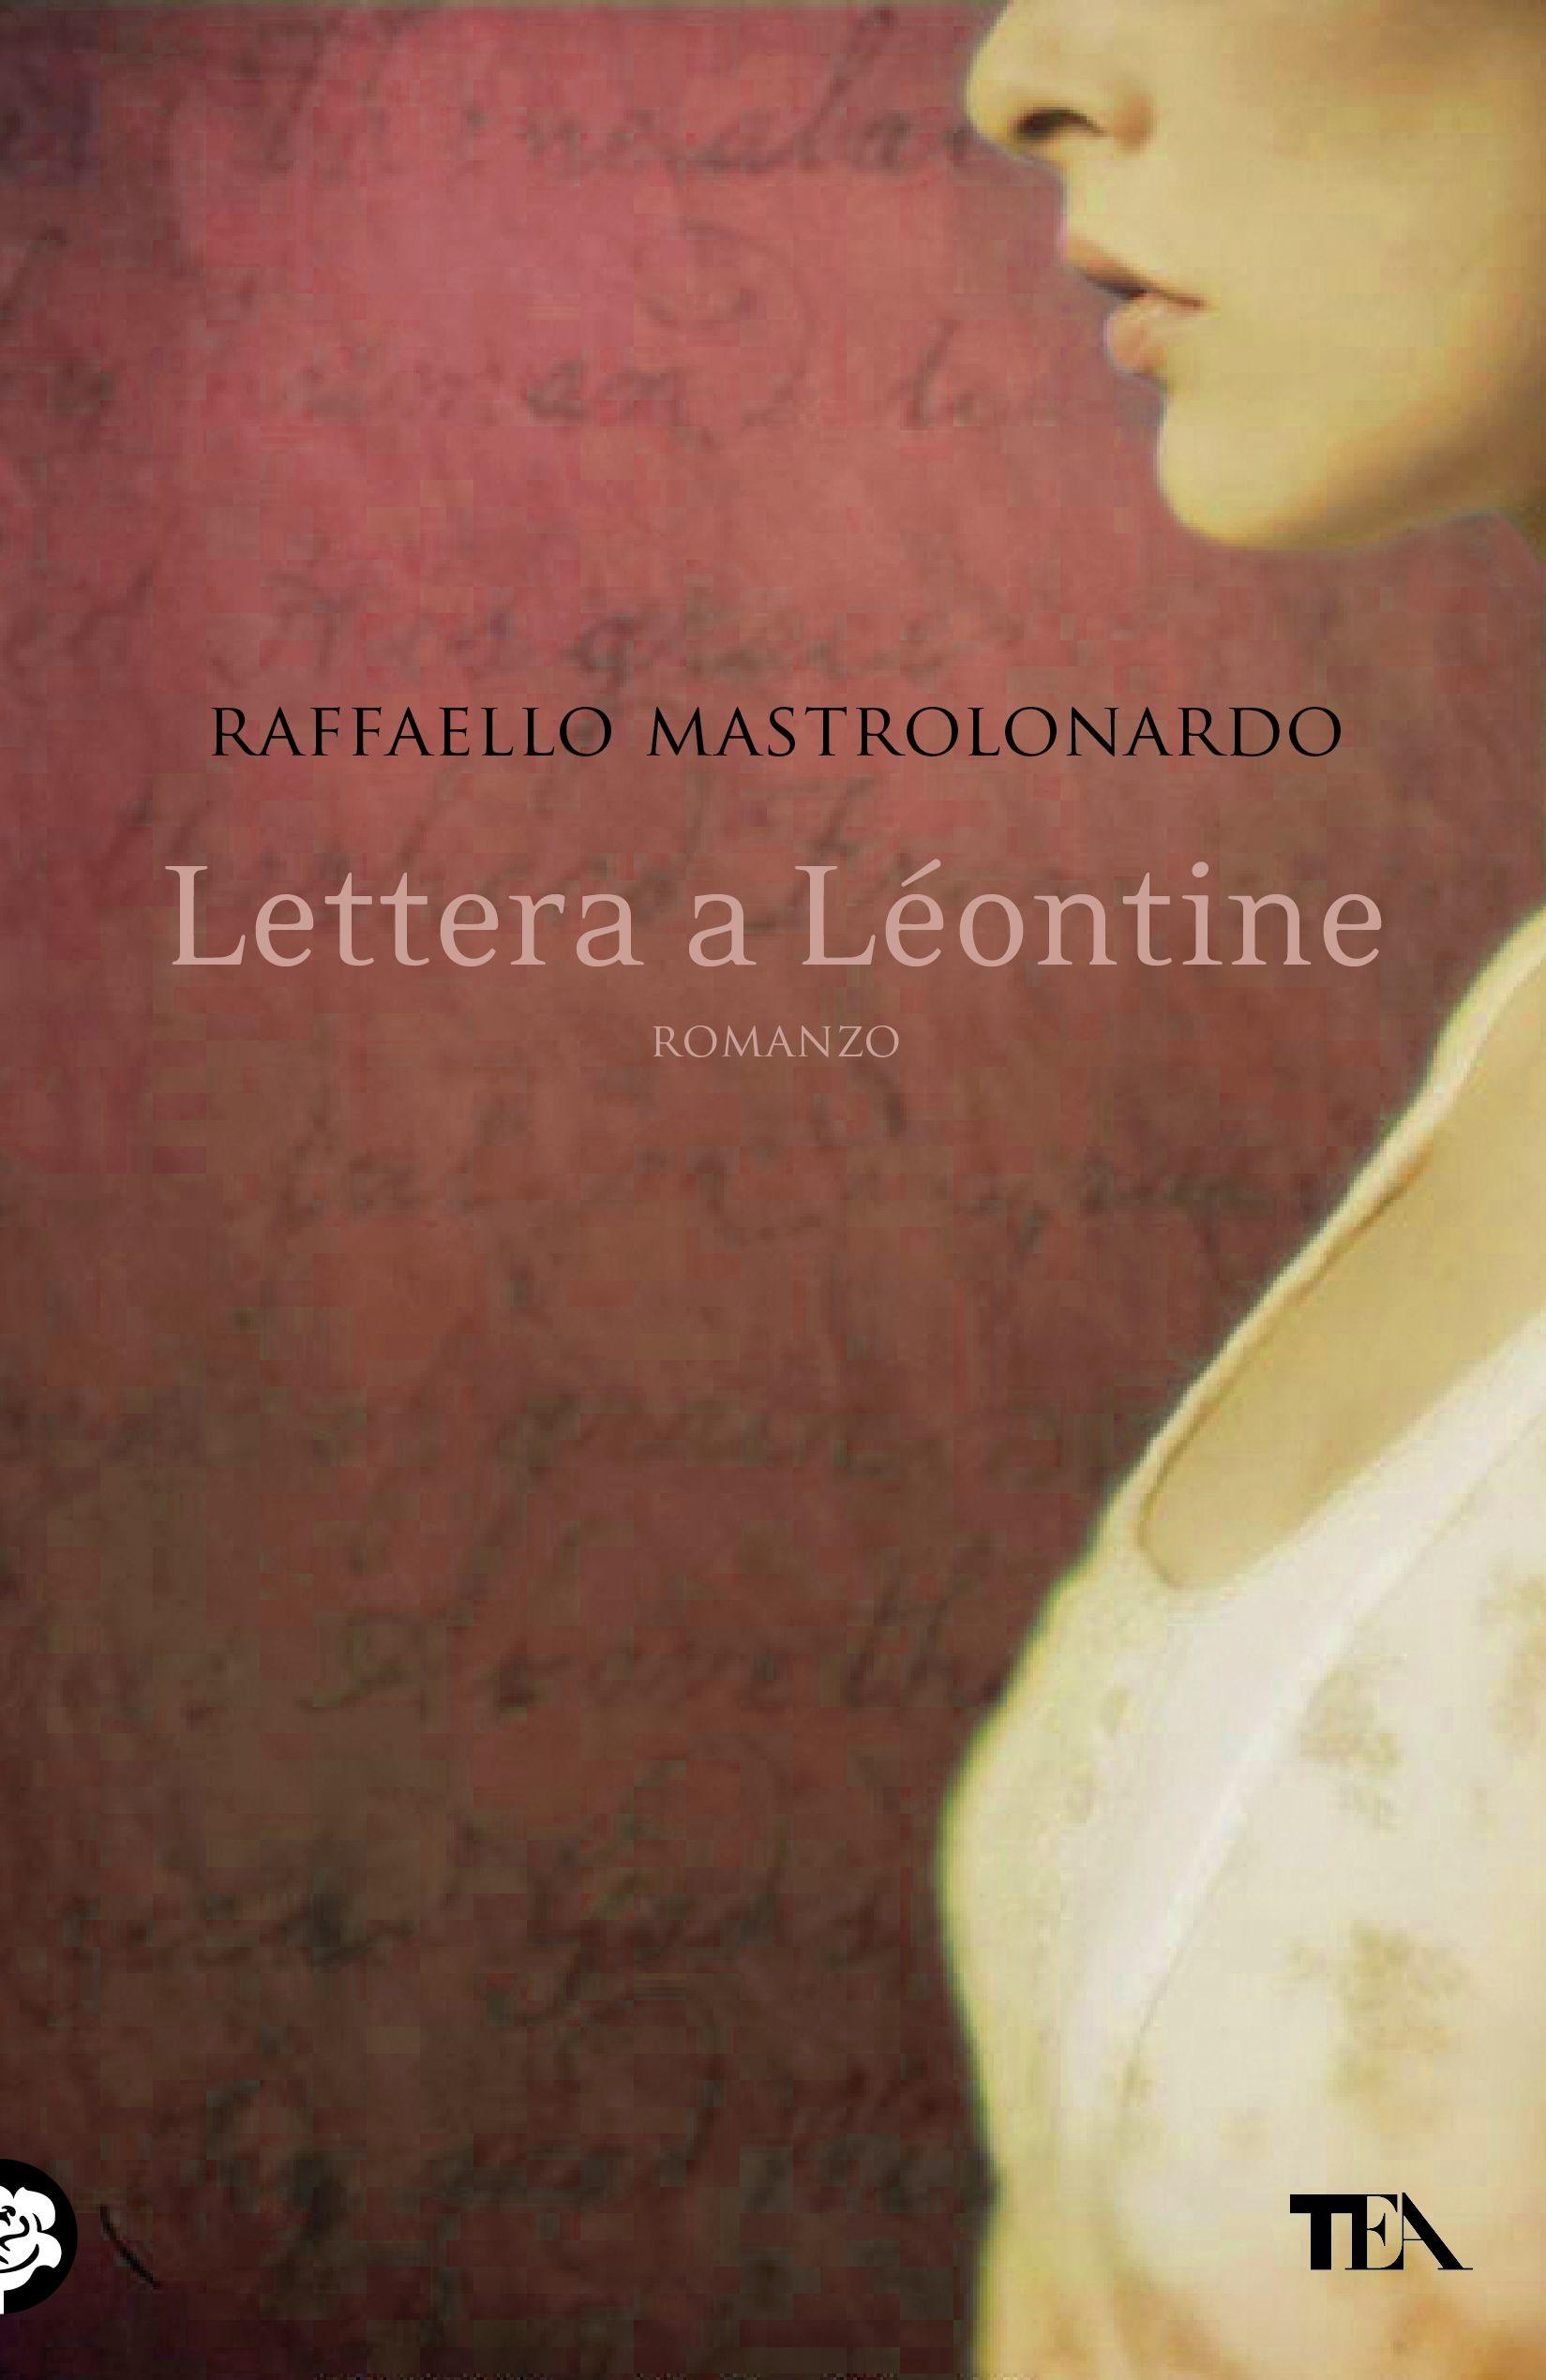 Lettera a Léontine